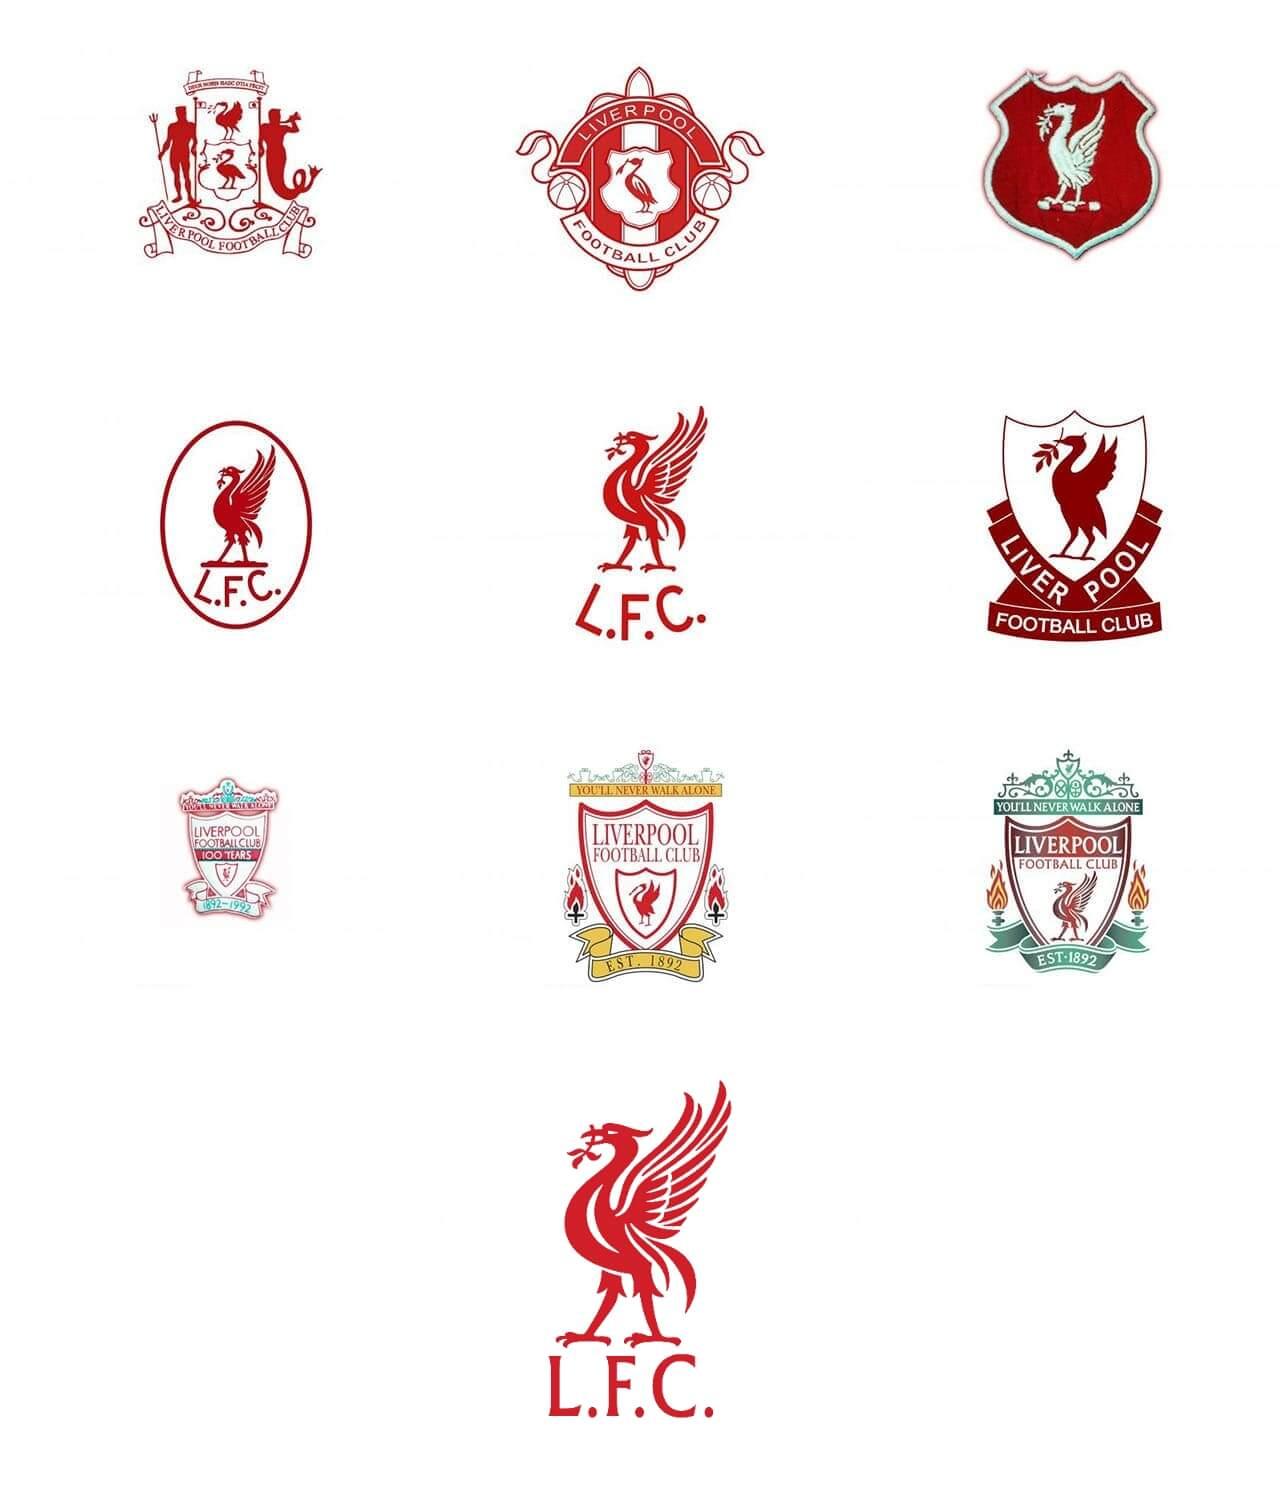 Historia del escudo del Liverpool